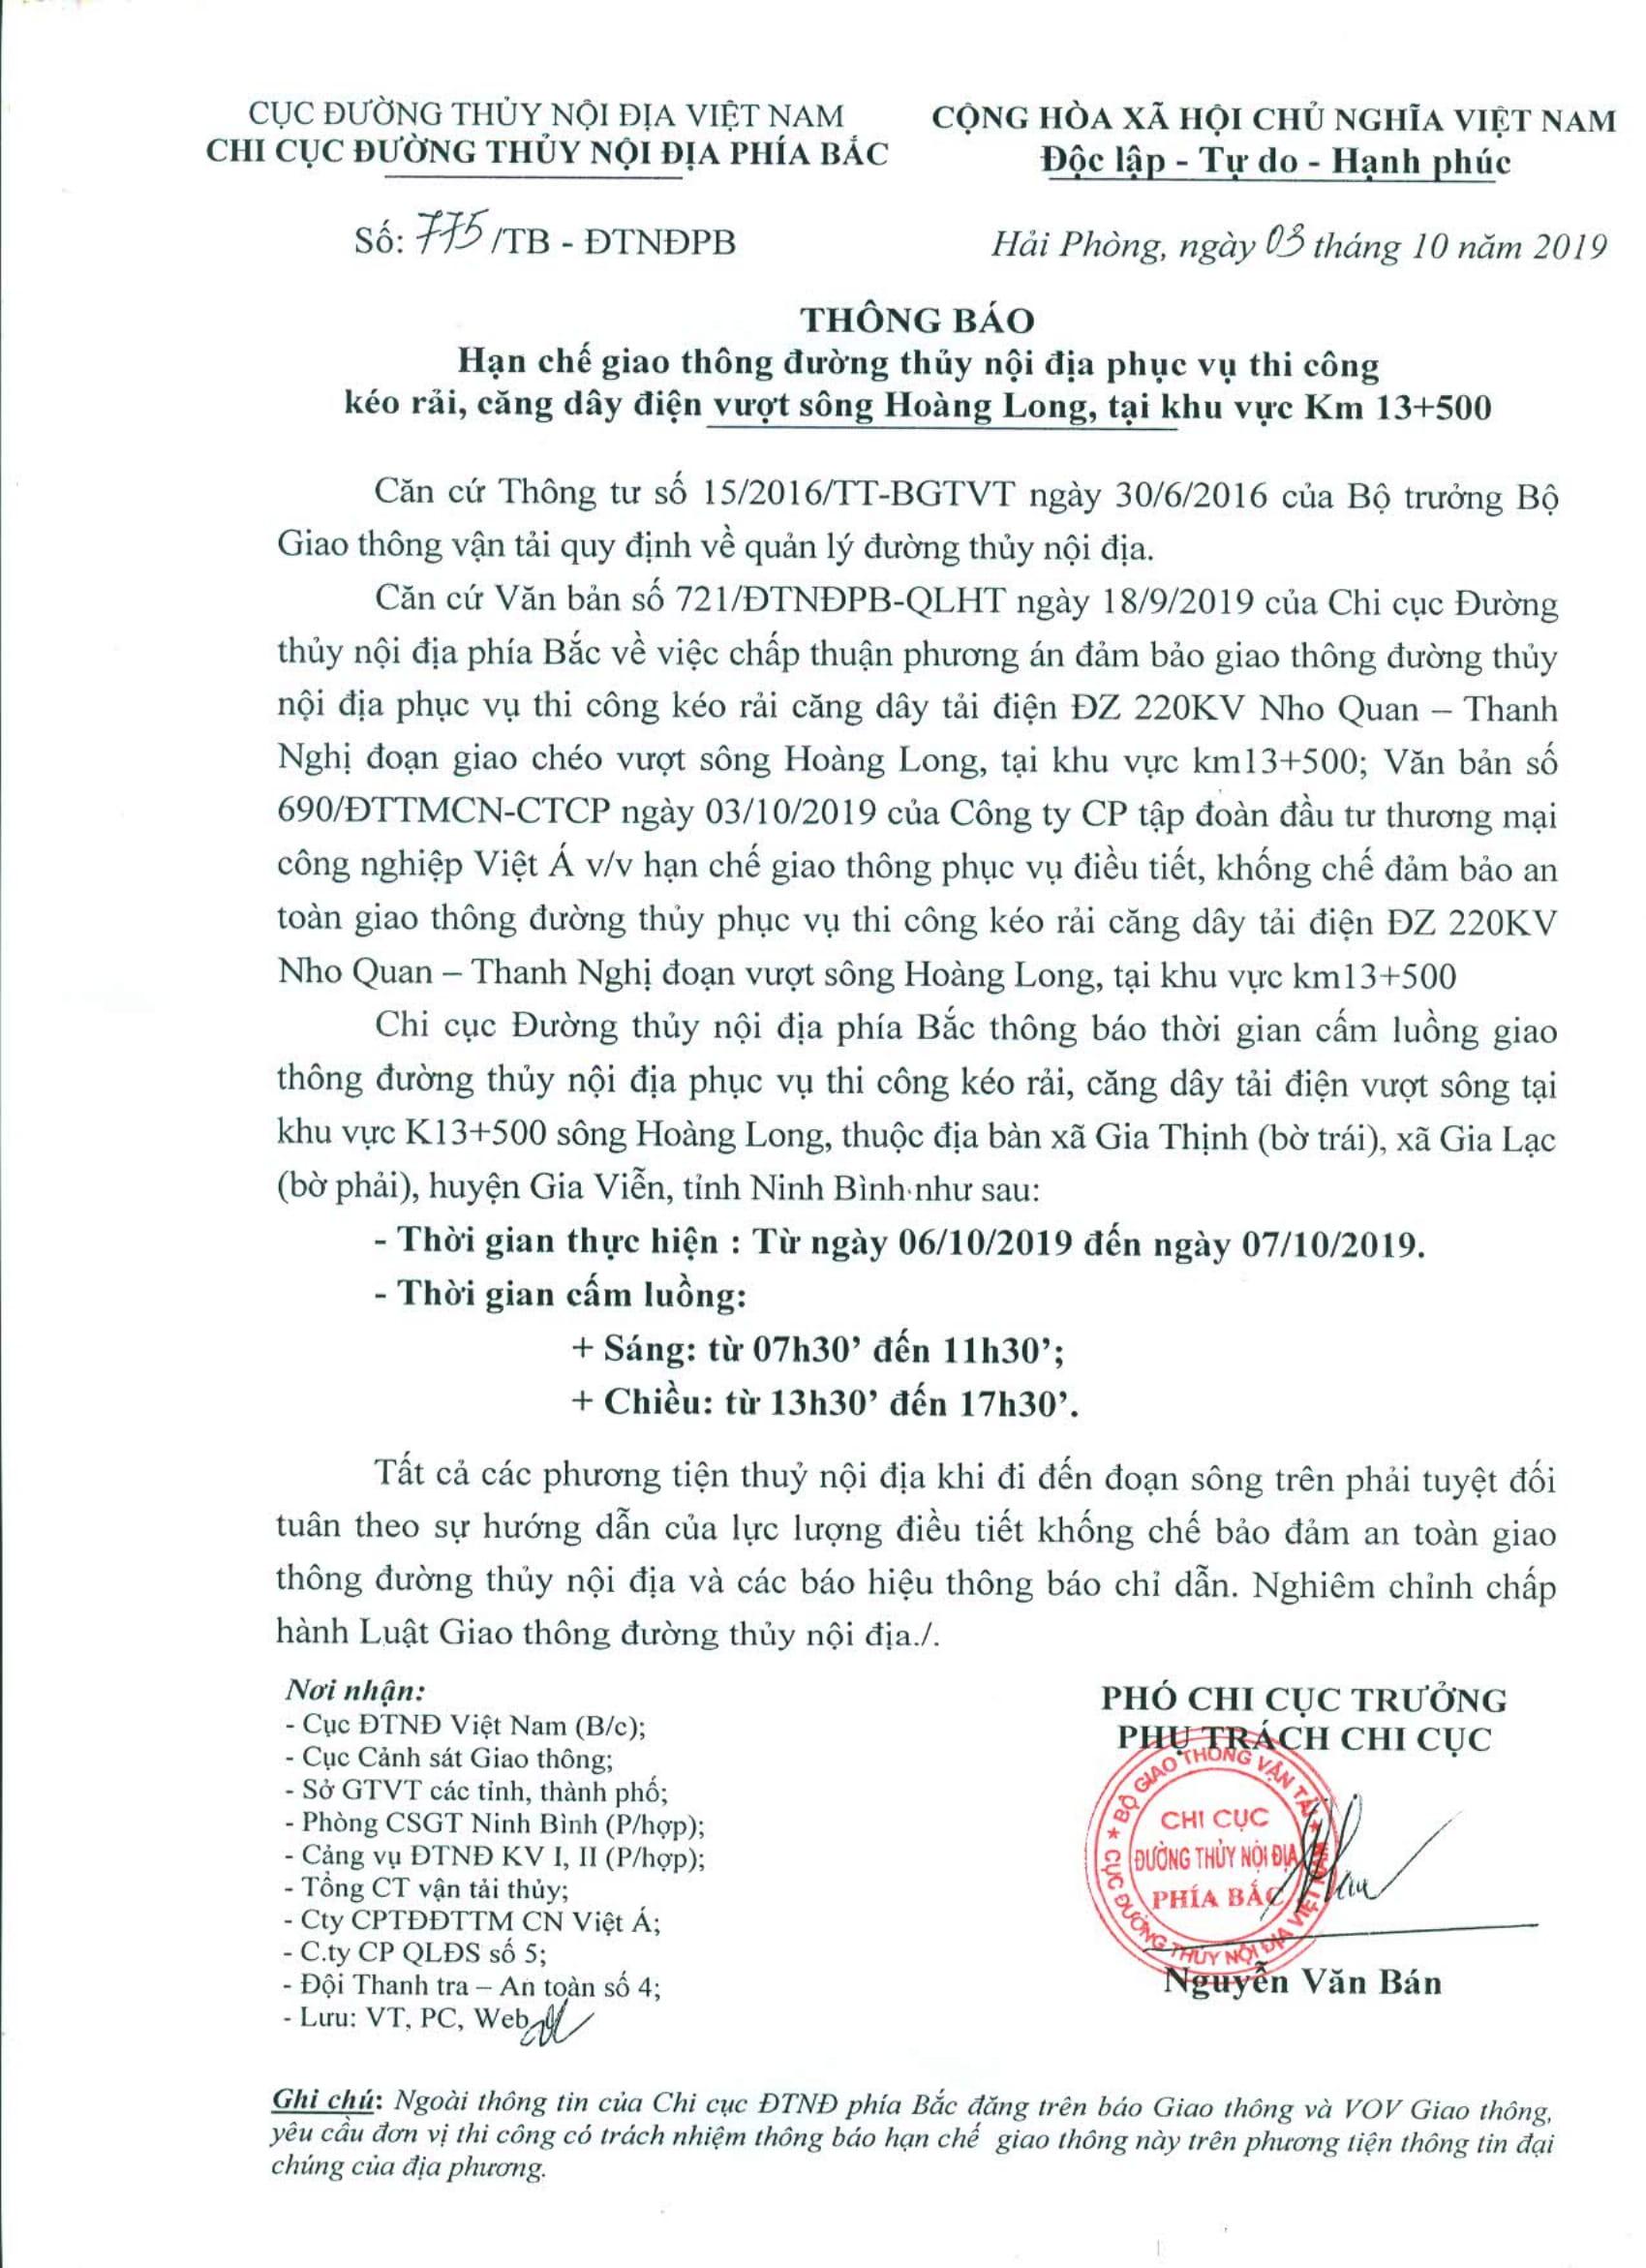 Thông báo HCGT ĐTNĐ phục vụ thi công kéo rải, căng dây điện vượt sông Hoàng Long, khu vực km 13 +500 (ngày 06/10 - 07/10/2019)